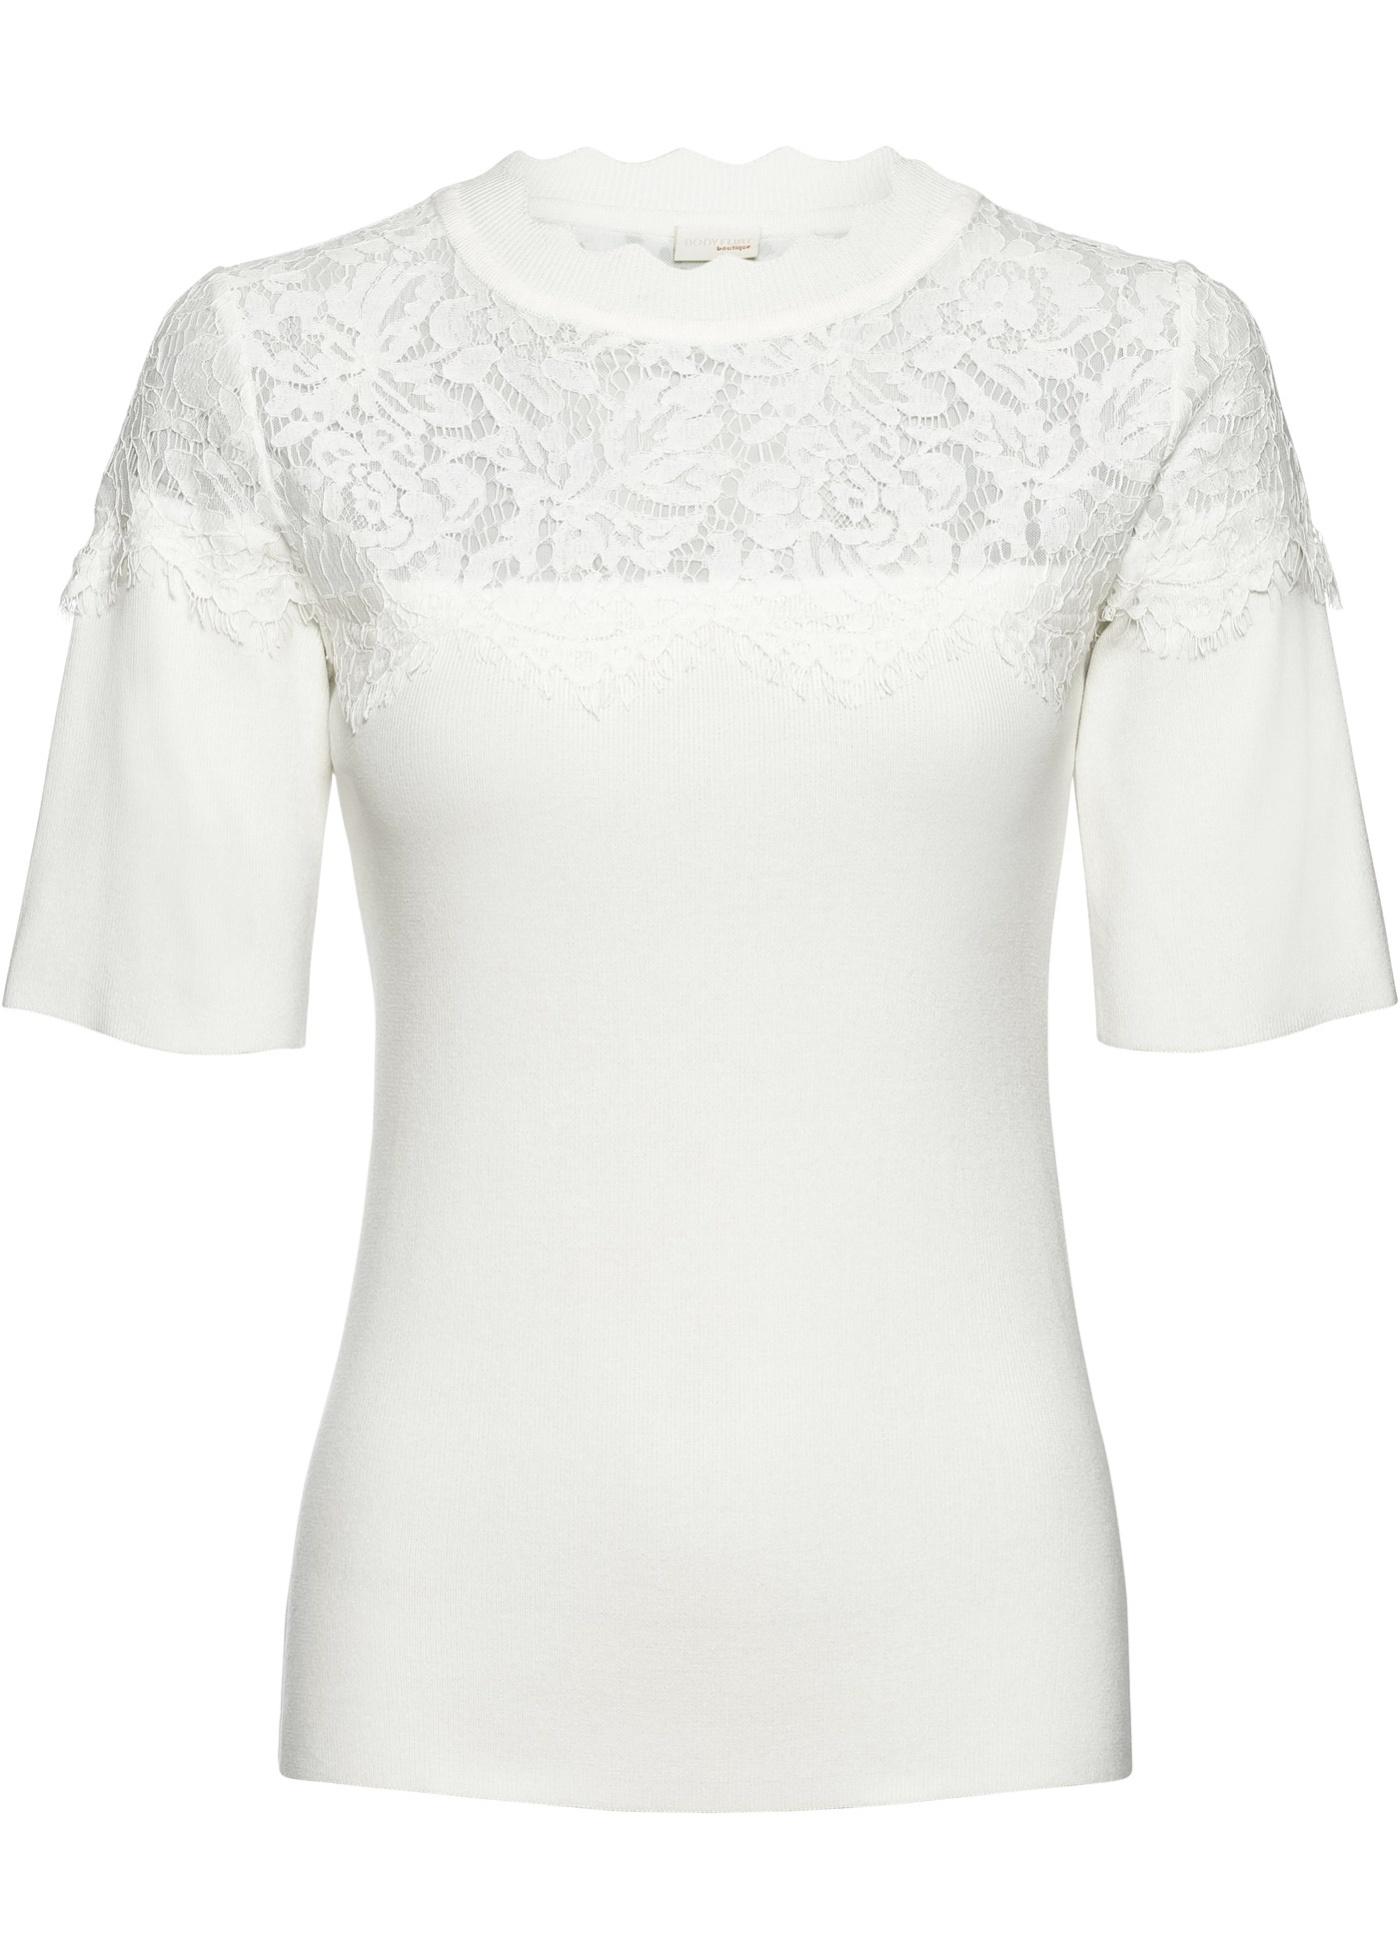 Maglia a costine con pizzo (Bianco) - BODYFLIRT boutique